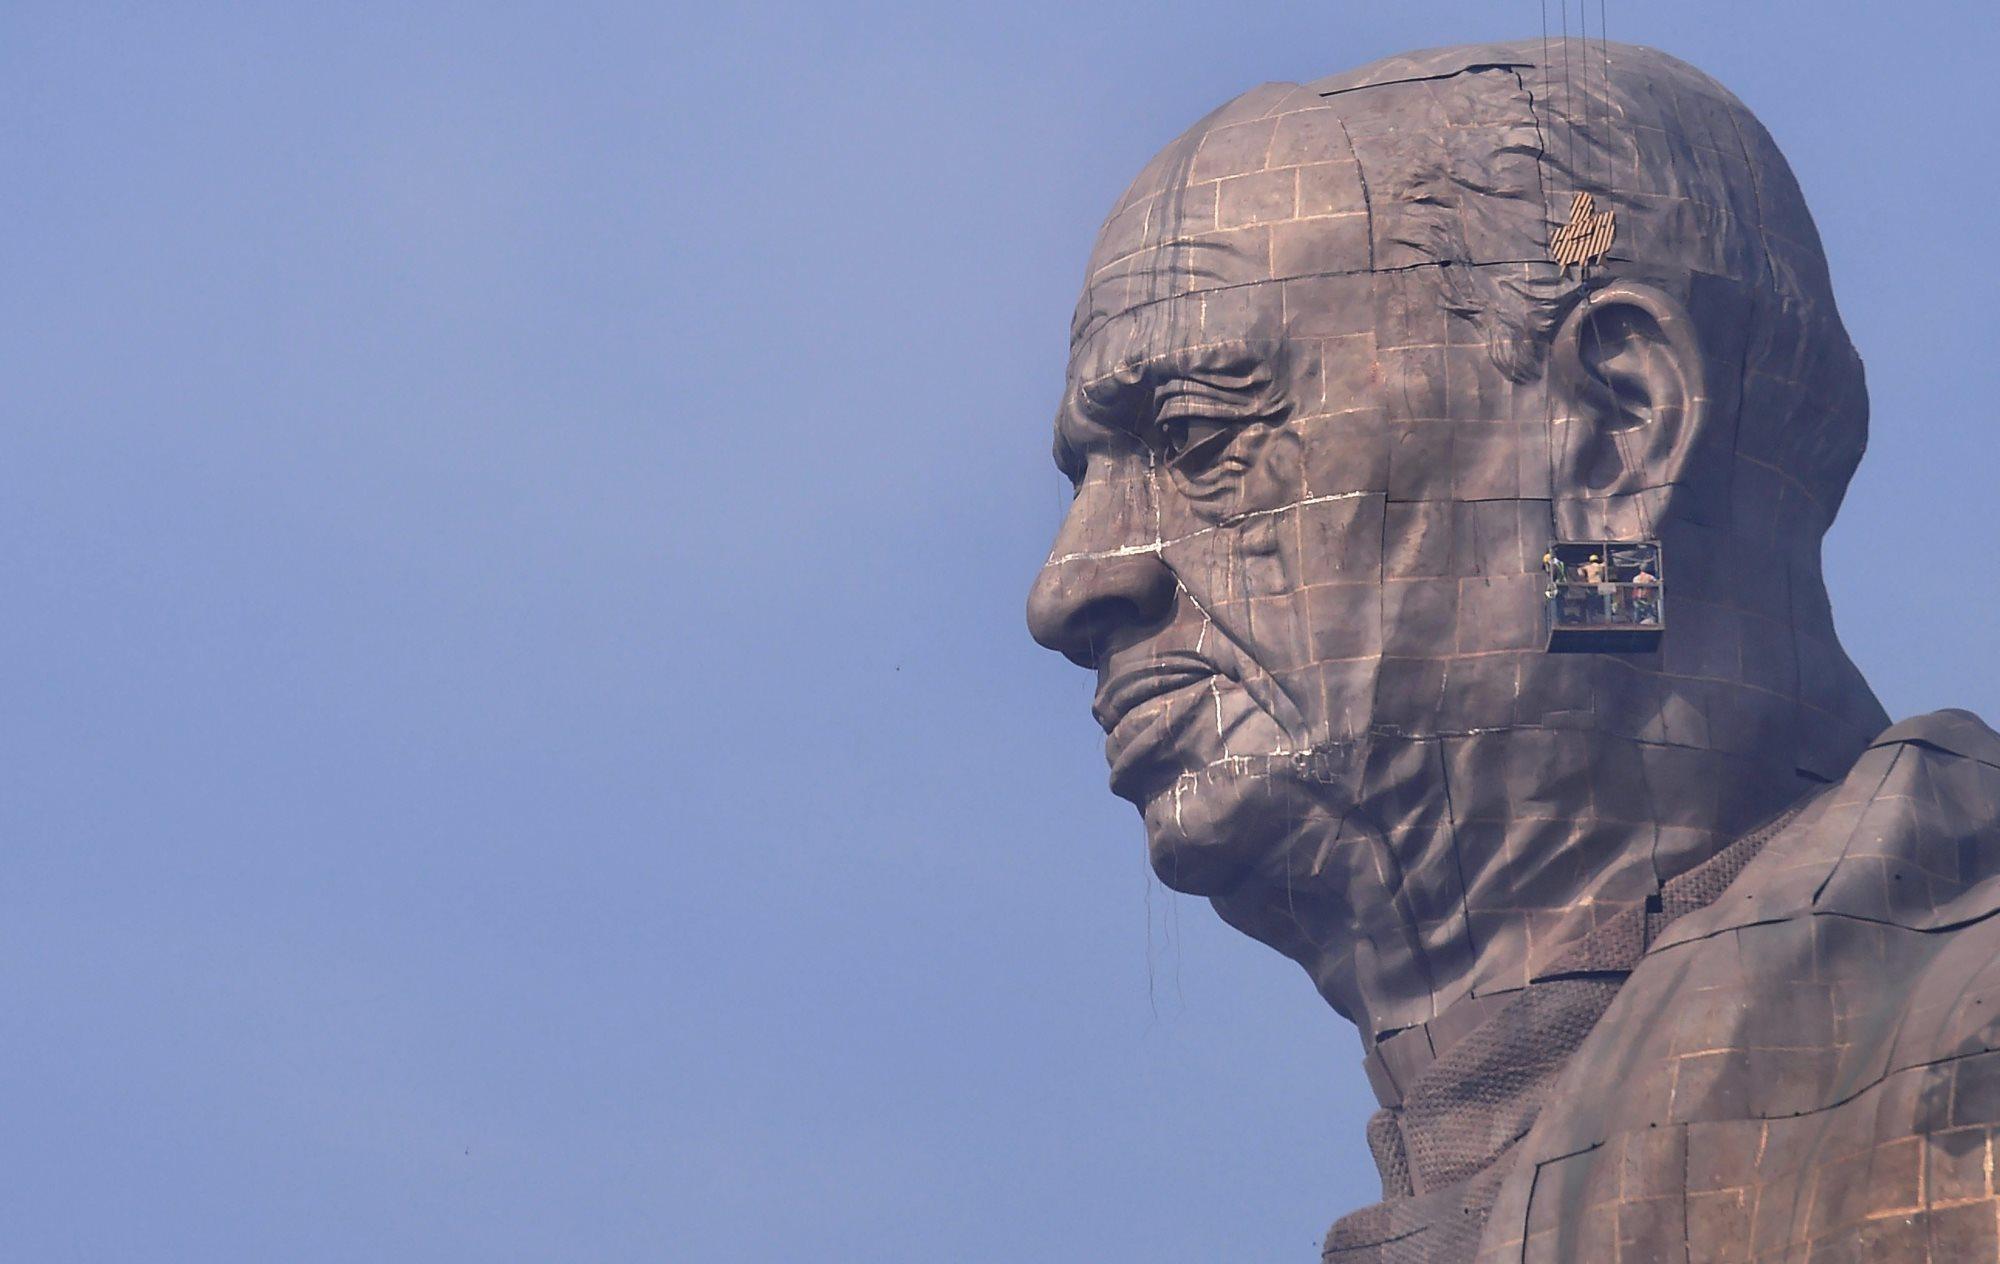 سردار پٹیل کا مجسمہ(فوٹو : پی ٹی آئی)